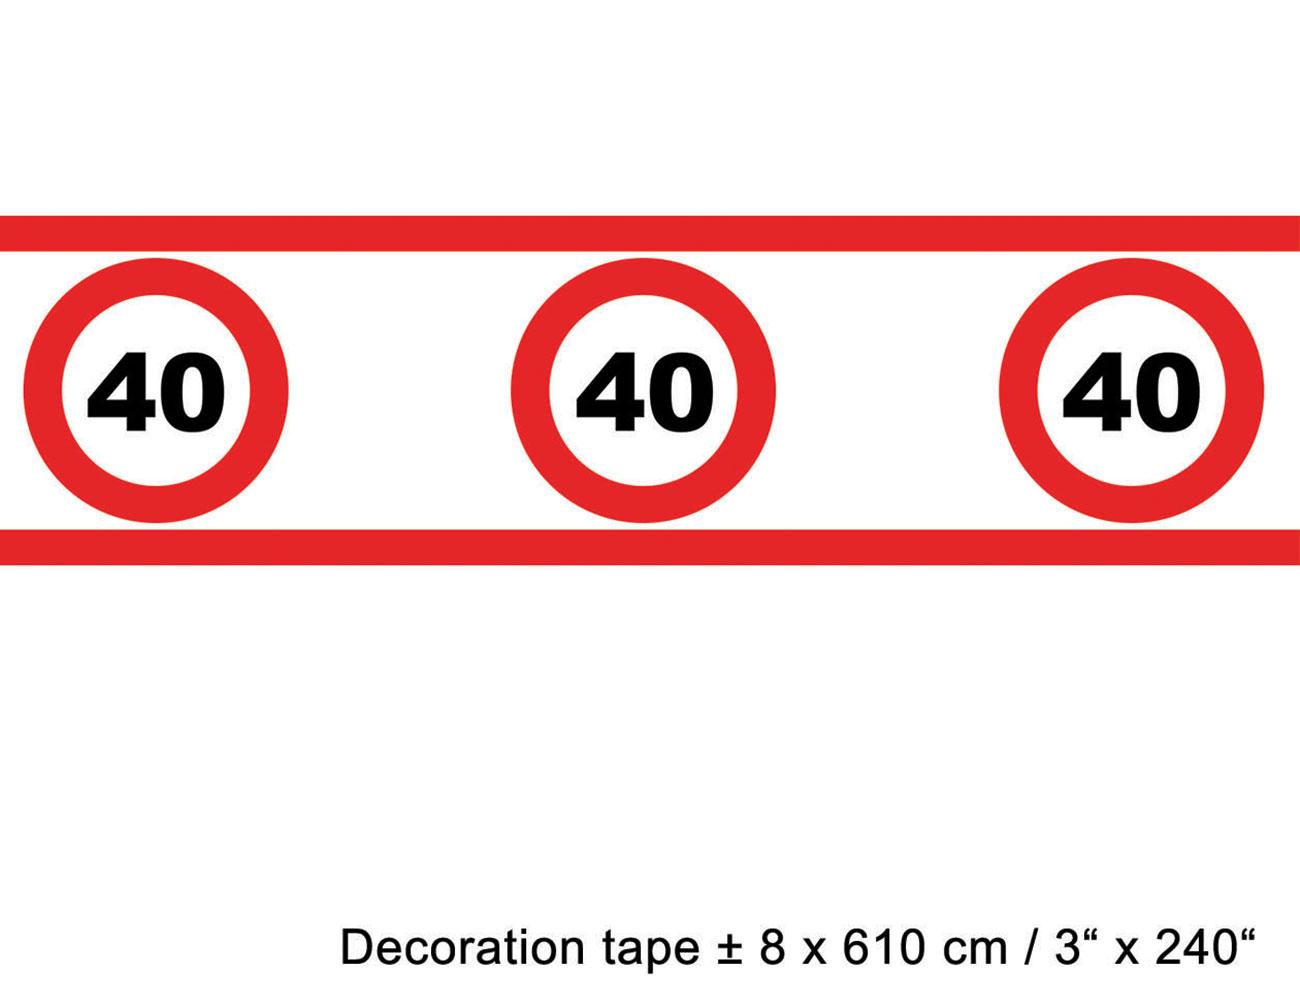 absperrband geburtstag 40 jahre dekoration. Black Bedroom Furniture Sets. Home Design Ideas